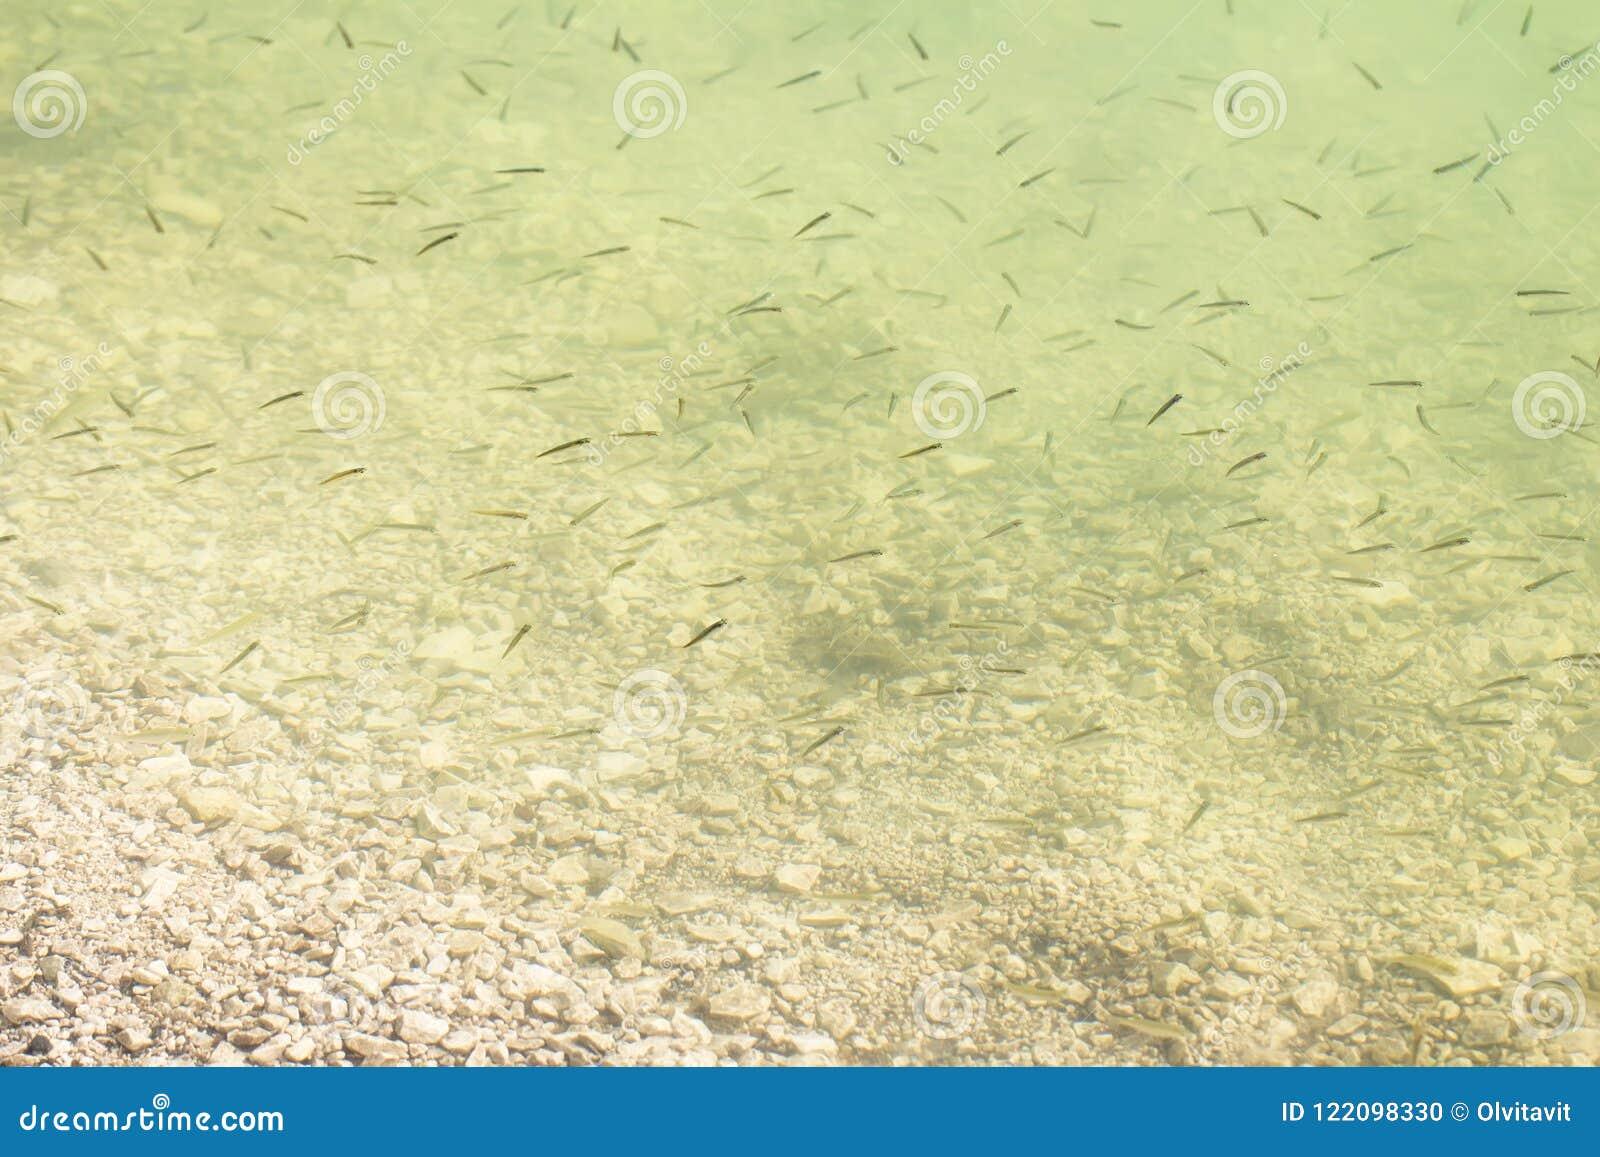 Ζήστε τηγανητά στη λίμνη στα ρηχά νερά μια θερινή ημέρα